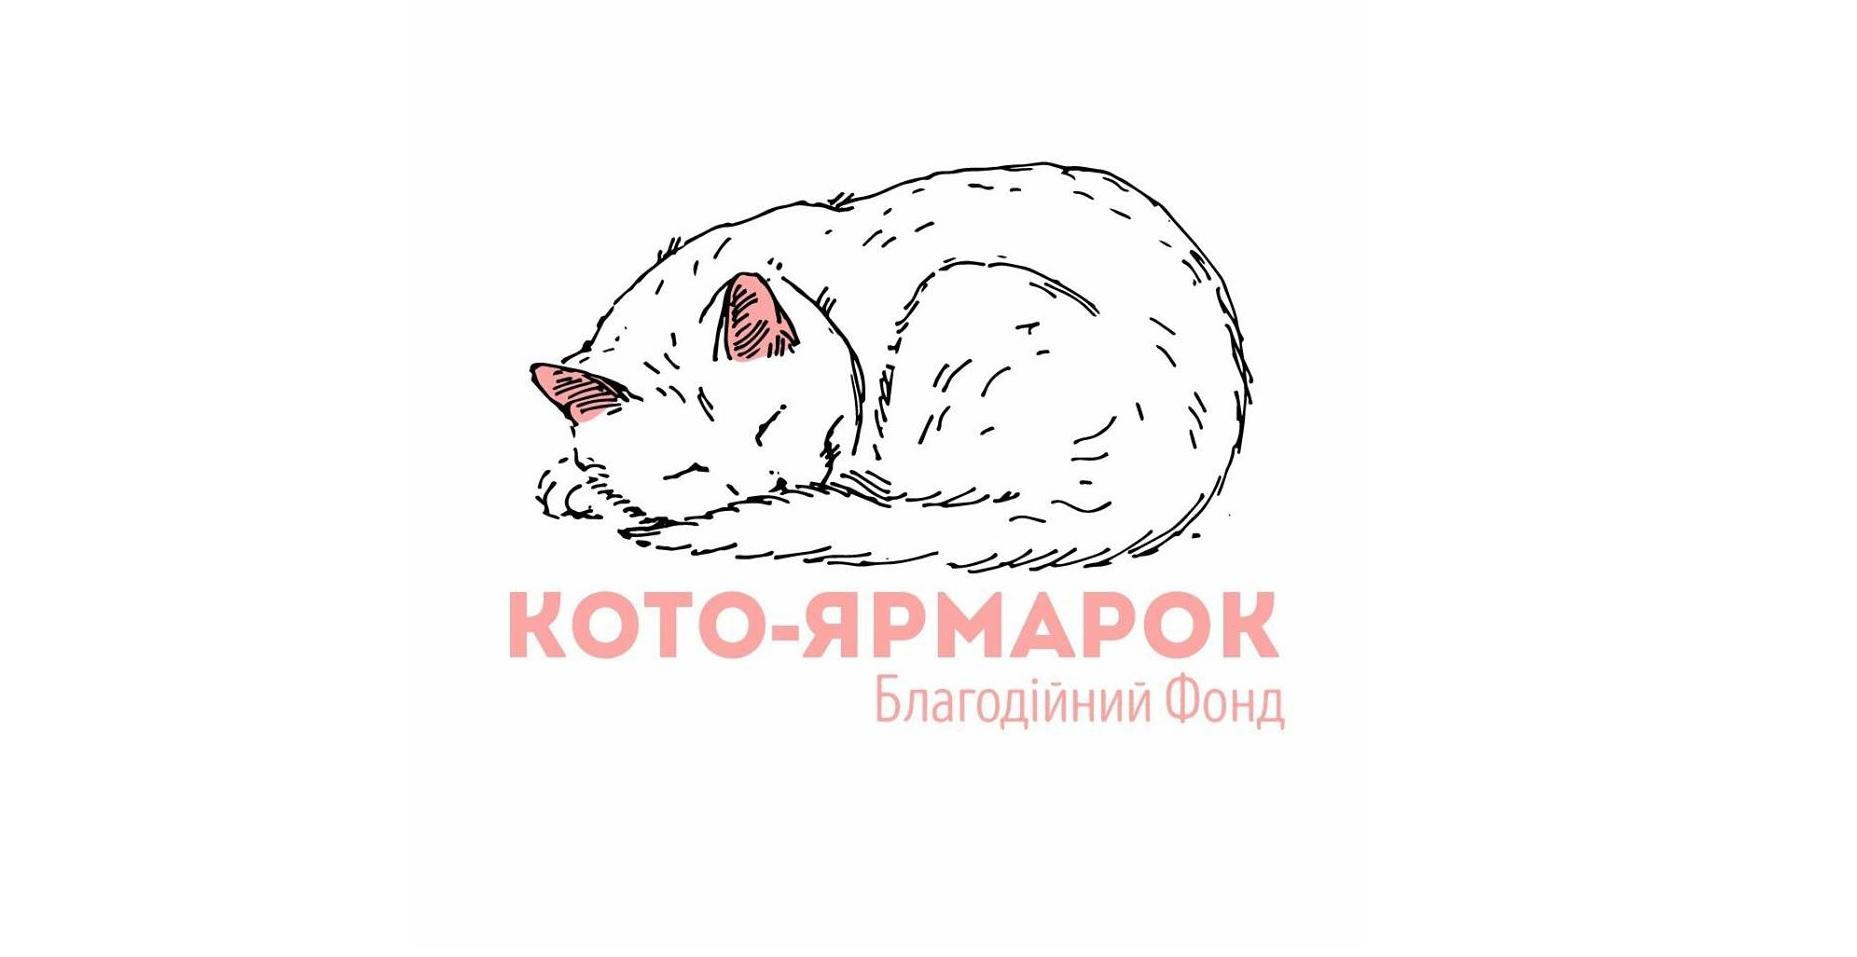 Благодійний фонд «Кото-Ярмарок»